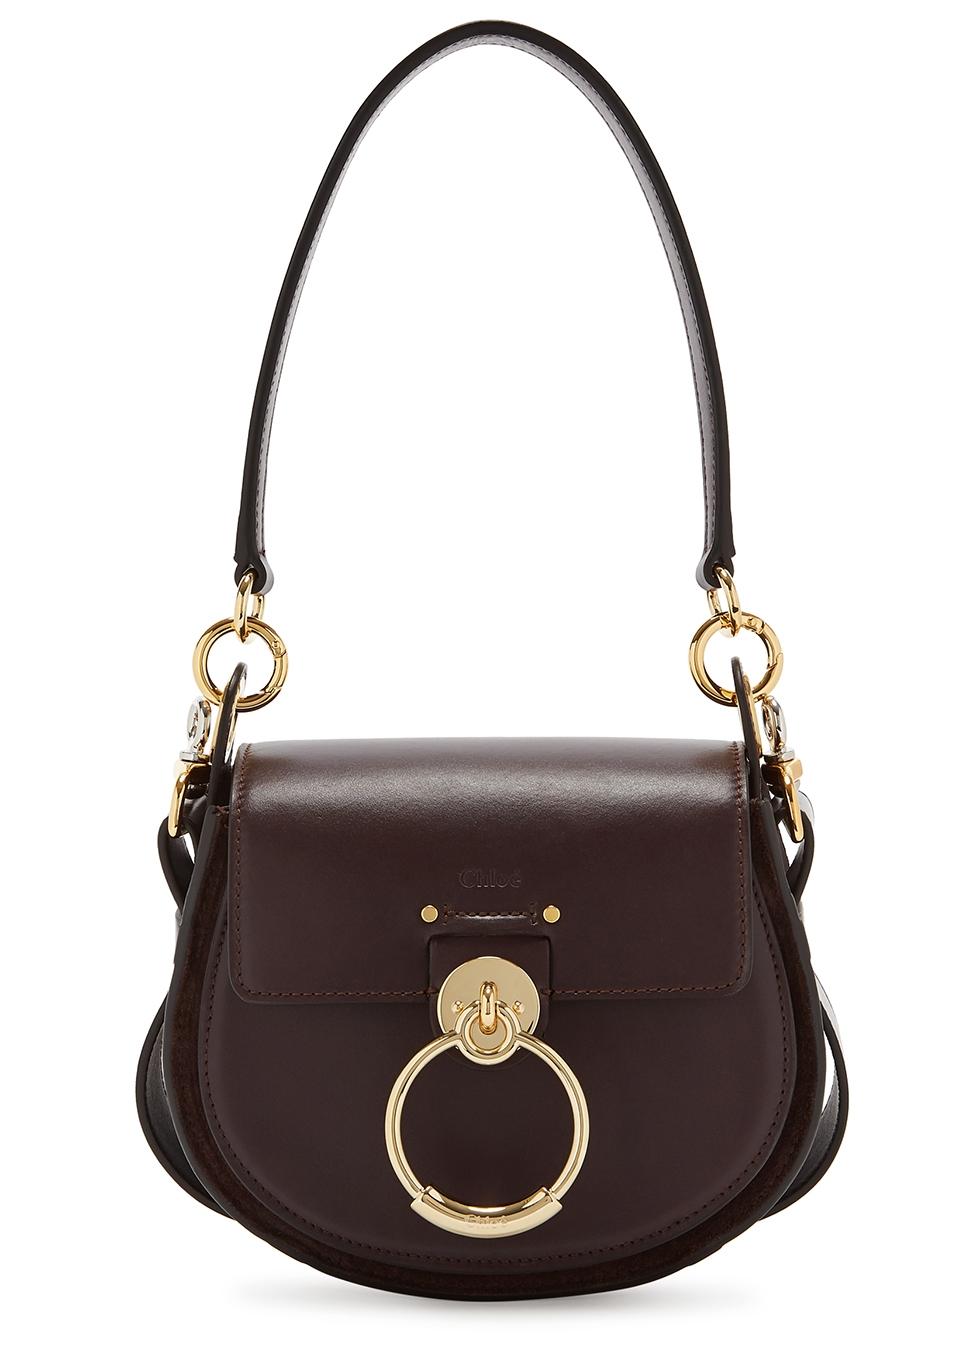 7982a0dd9fda Women's Designer Bags, Handbags and Purses - Harvey Nichols